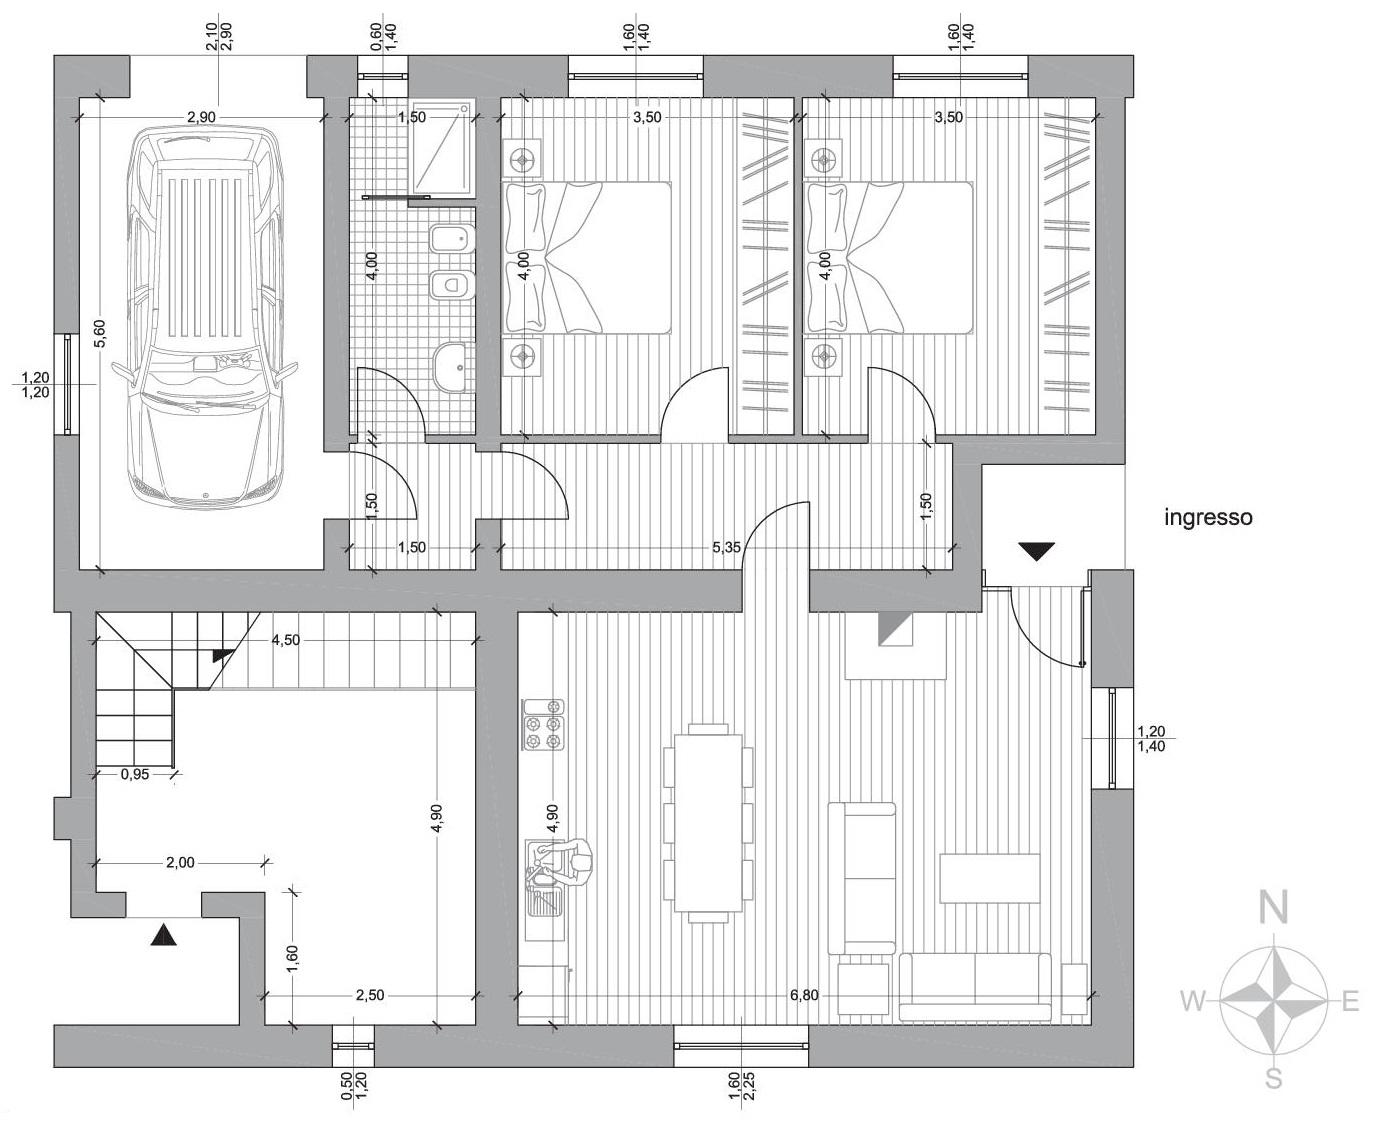 Ristrutturazione edilizia con cambio di destinazione d'uso ...